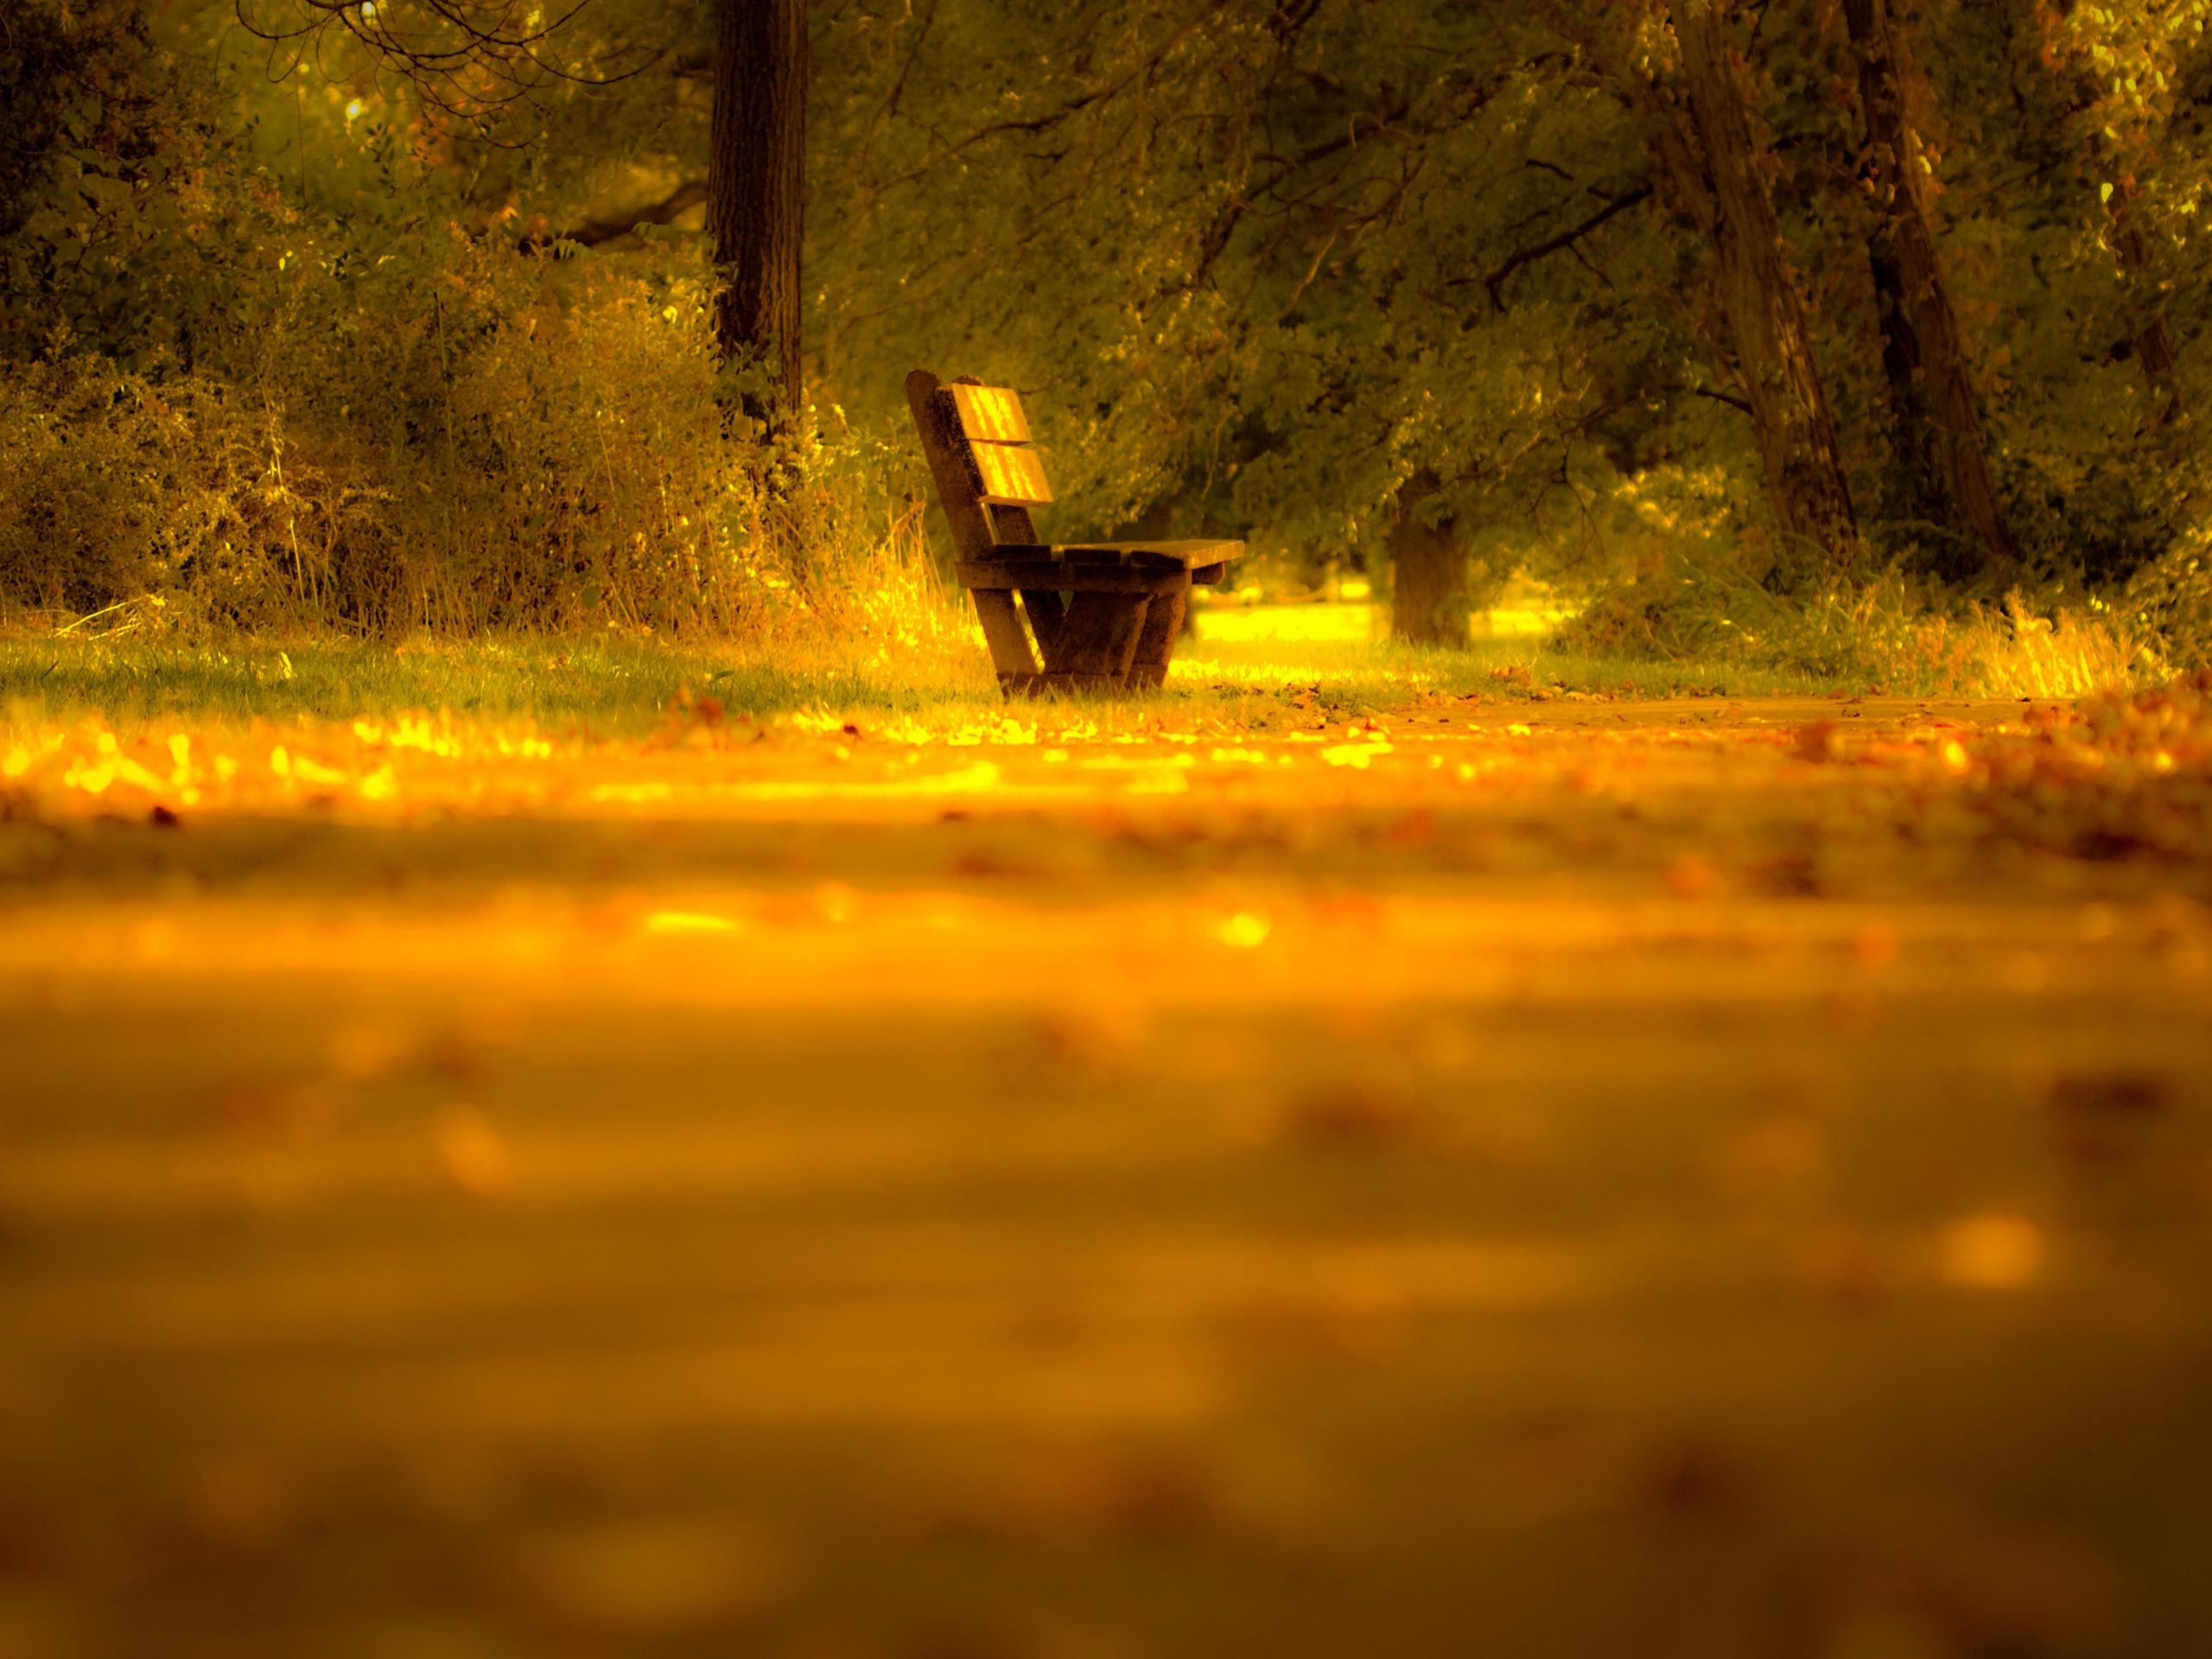 101028 Lade kostenlos Gelb Hintergrundbilder für dein Handy herunter, Natur, Bank, Unschärfe, Verwischen, Einsam Gelb Bilder und Bildschirmschoner für dein Handy